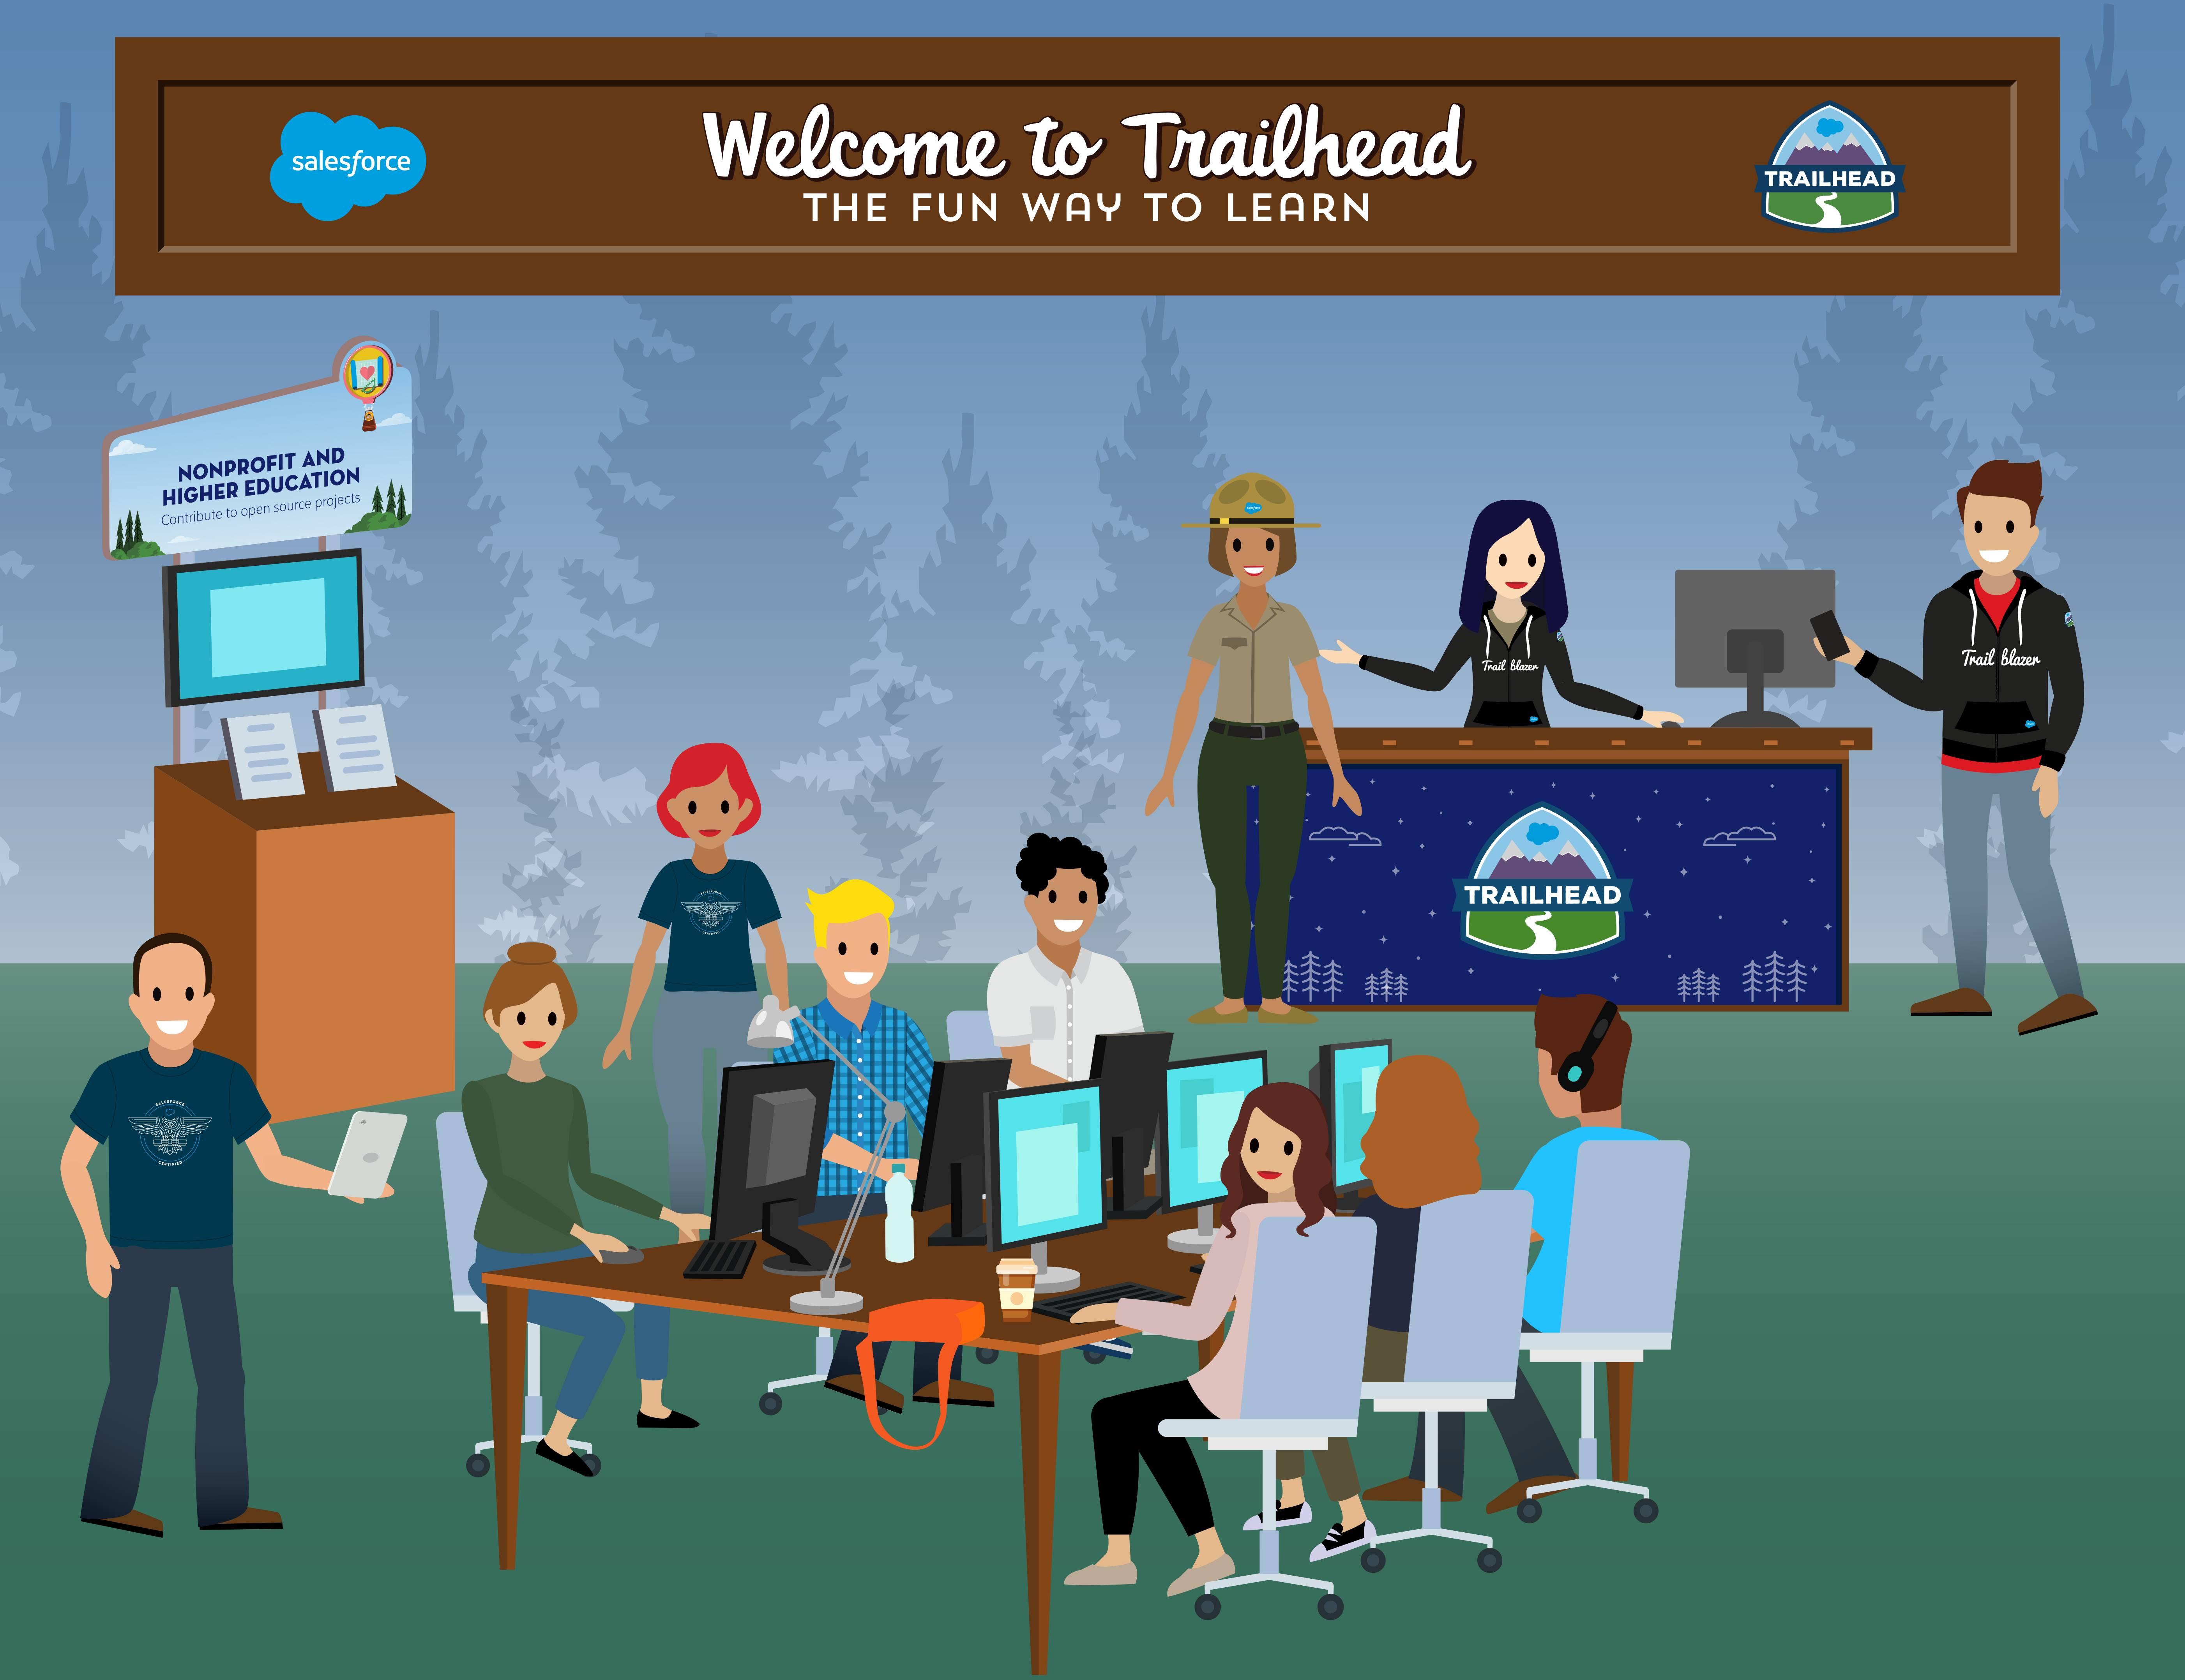 Membres de la communauté Salesforce travaillant ensemble pour améliorer les technologies.